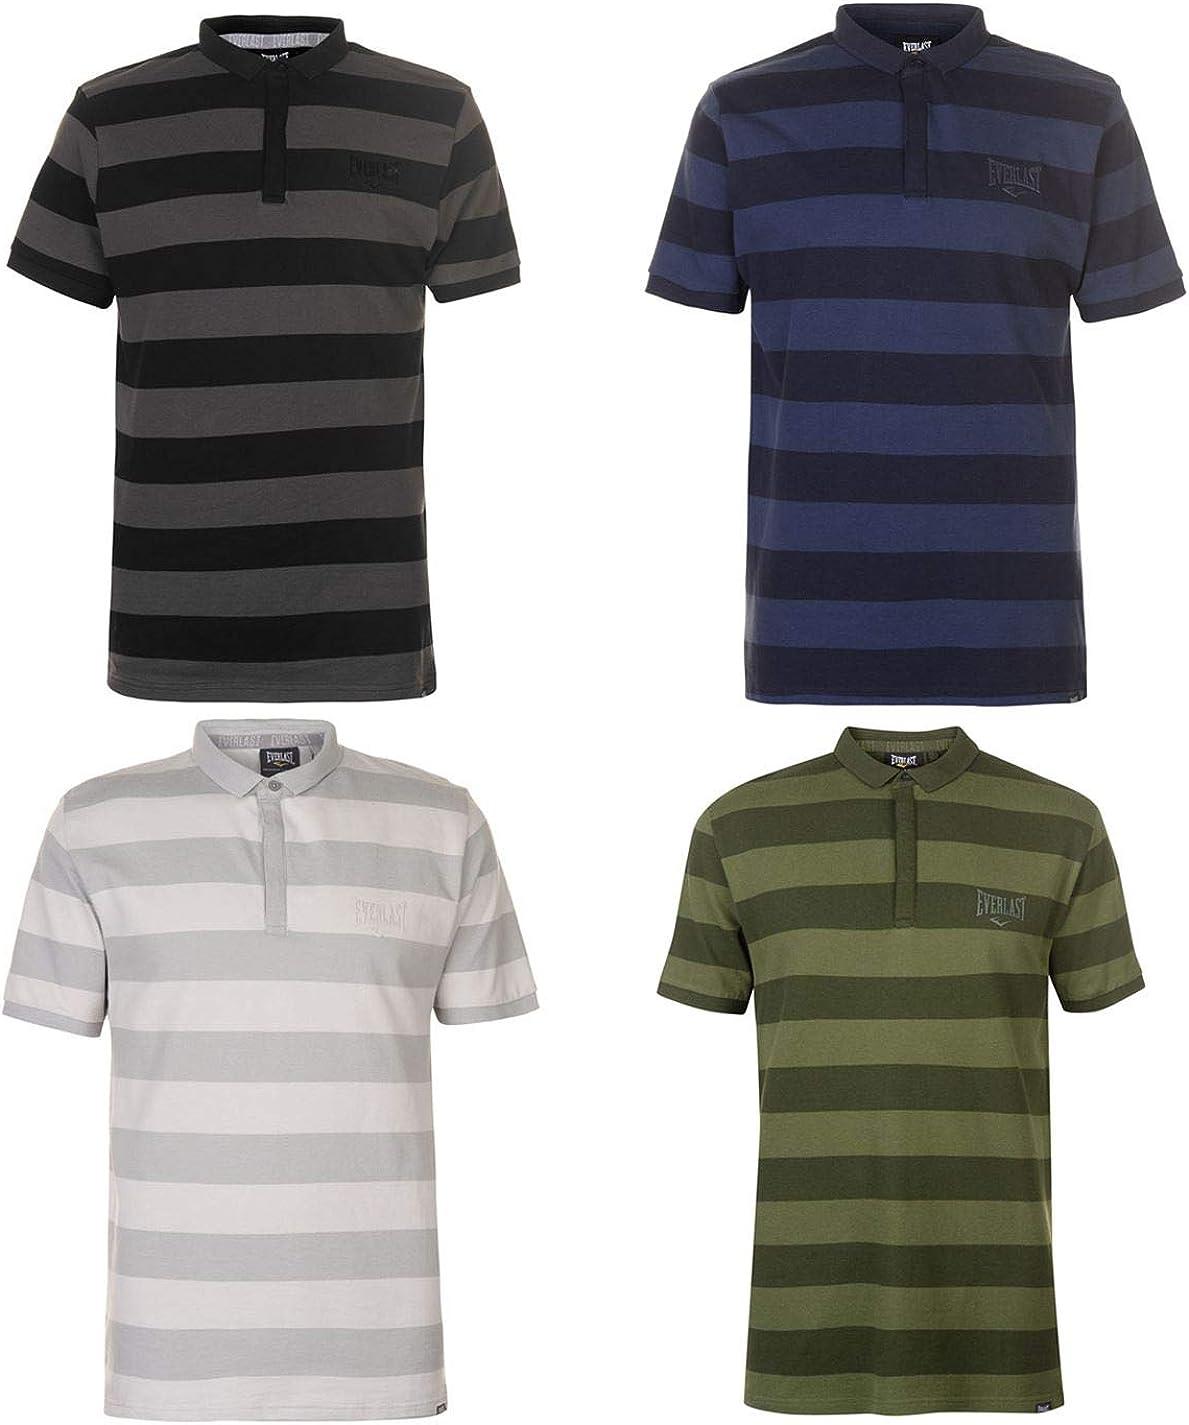 Everlast Rayure - Polo para Hombre, Talla S, Color Negro Verde 4XL ...